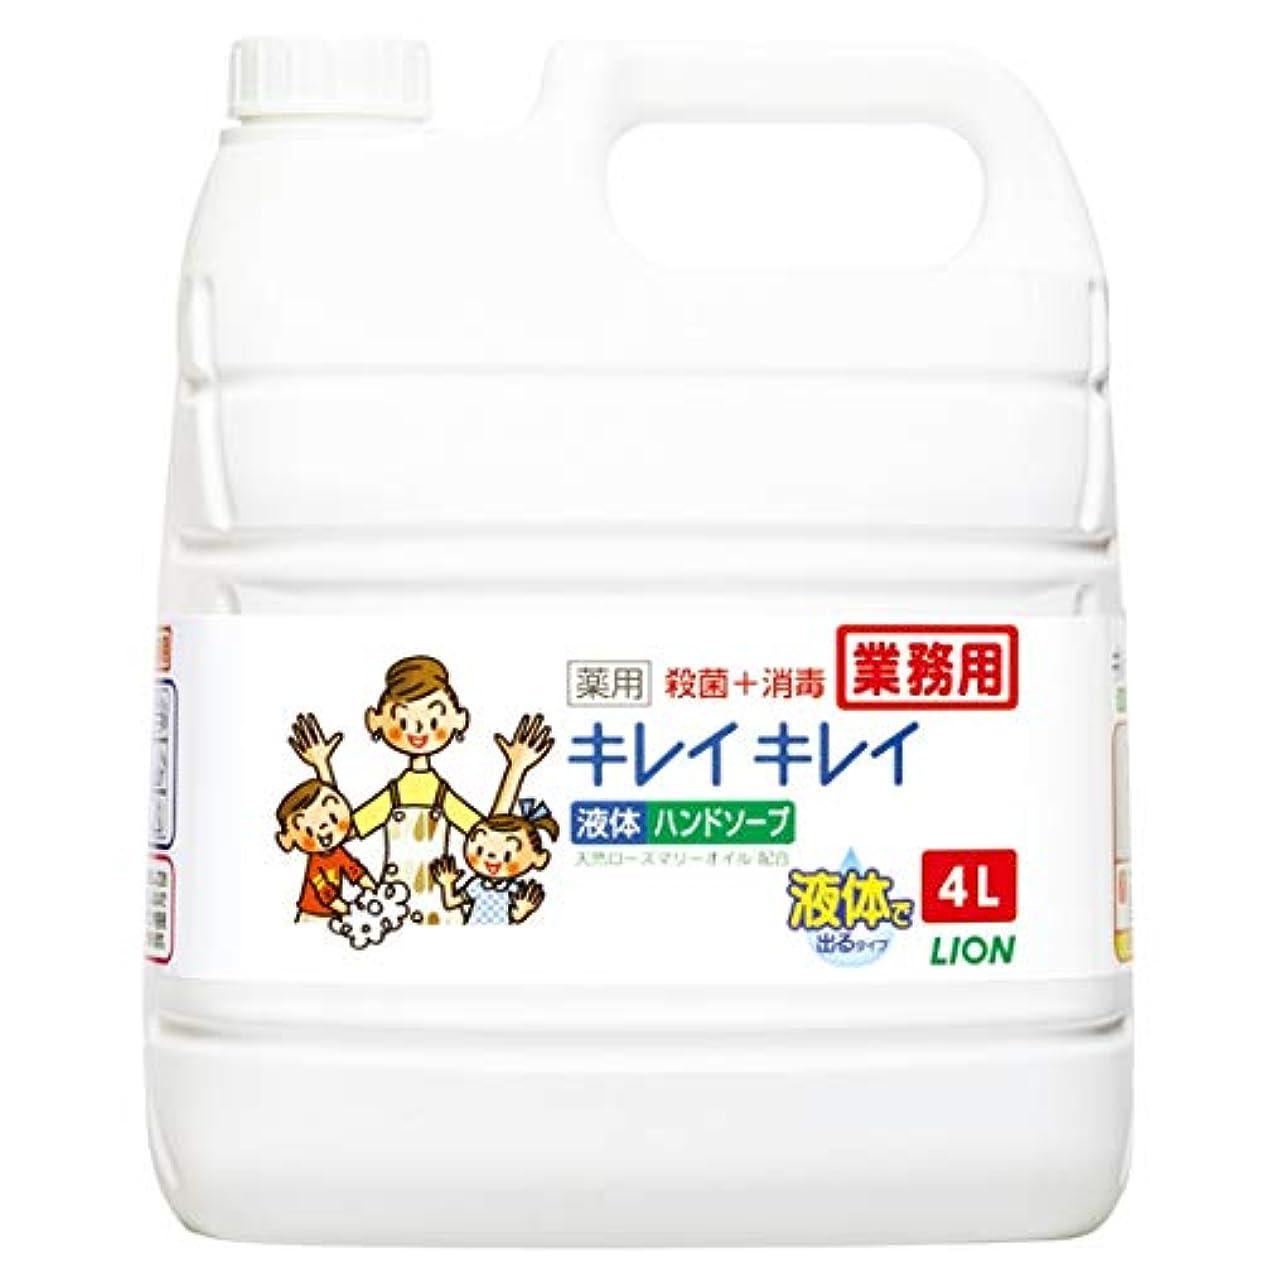 プログレッシブ腐食するタンザニア【業務用 大容量】キレイキレイ 薬用 ハンドソープ  4L(医薬部外品)